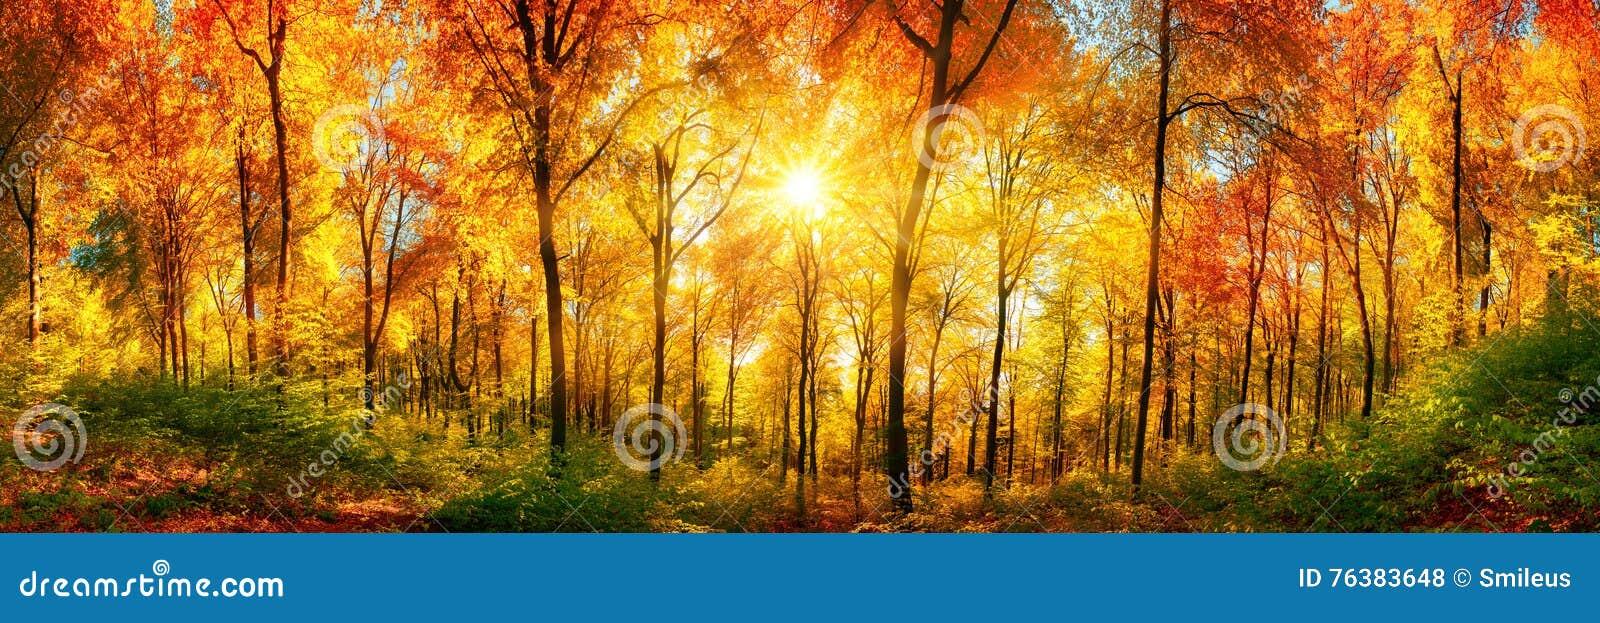 Panorama della foresta in autunno